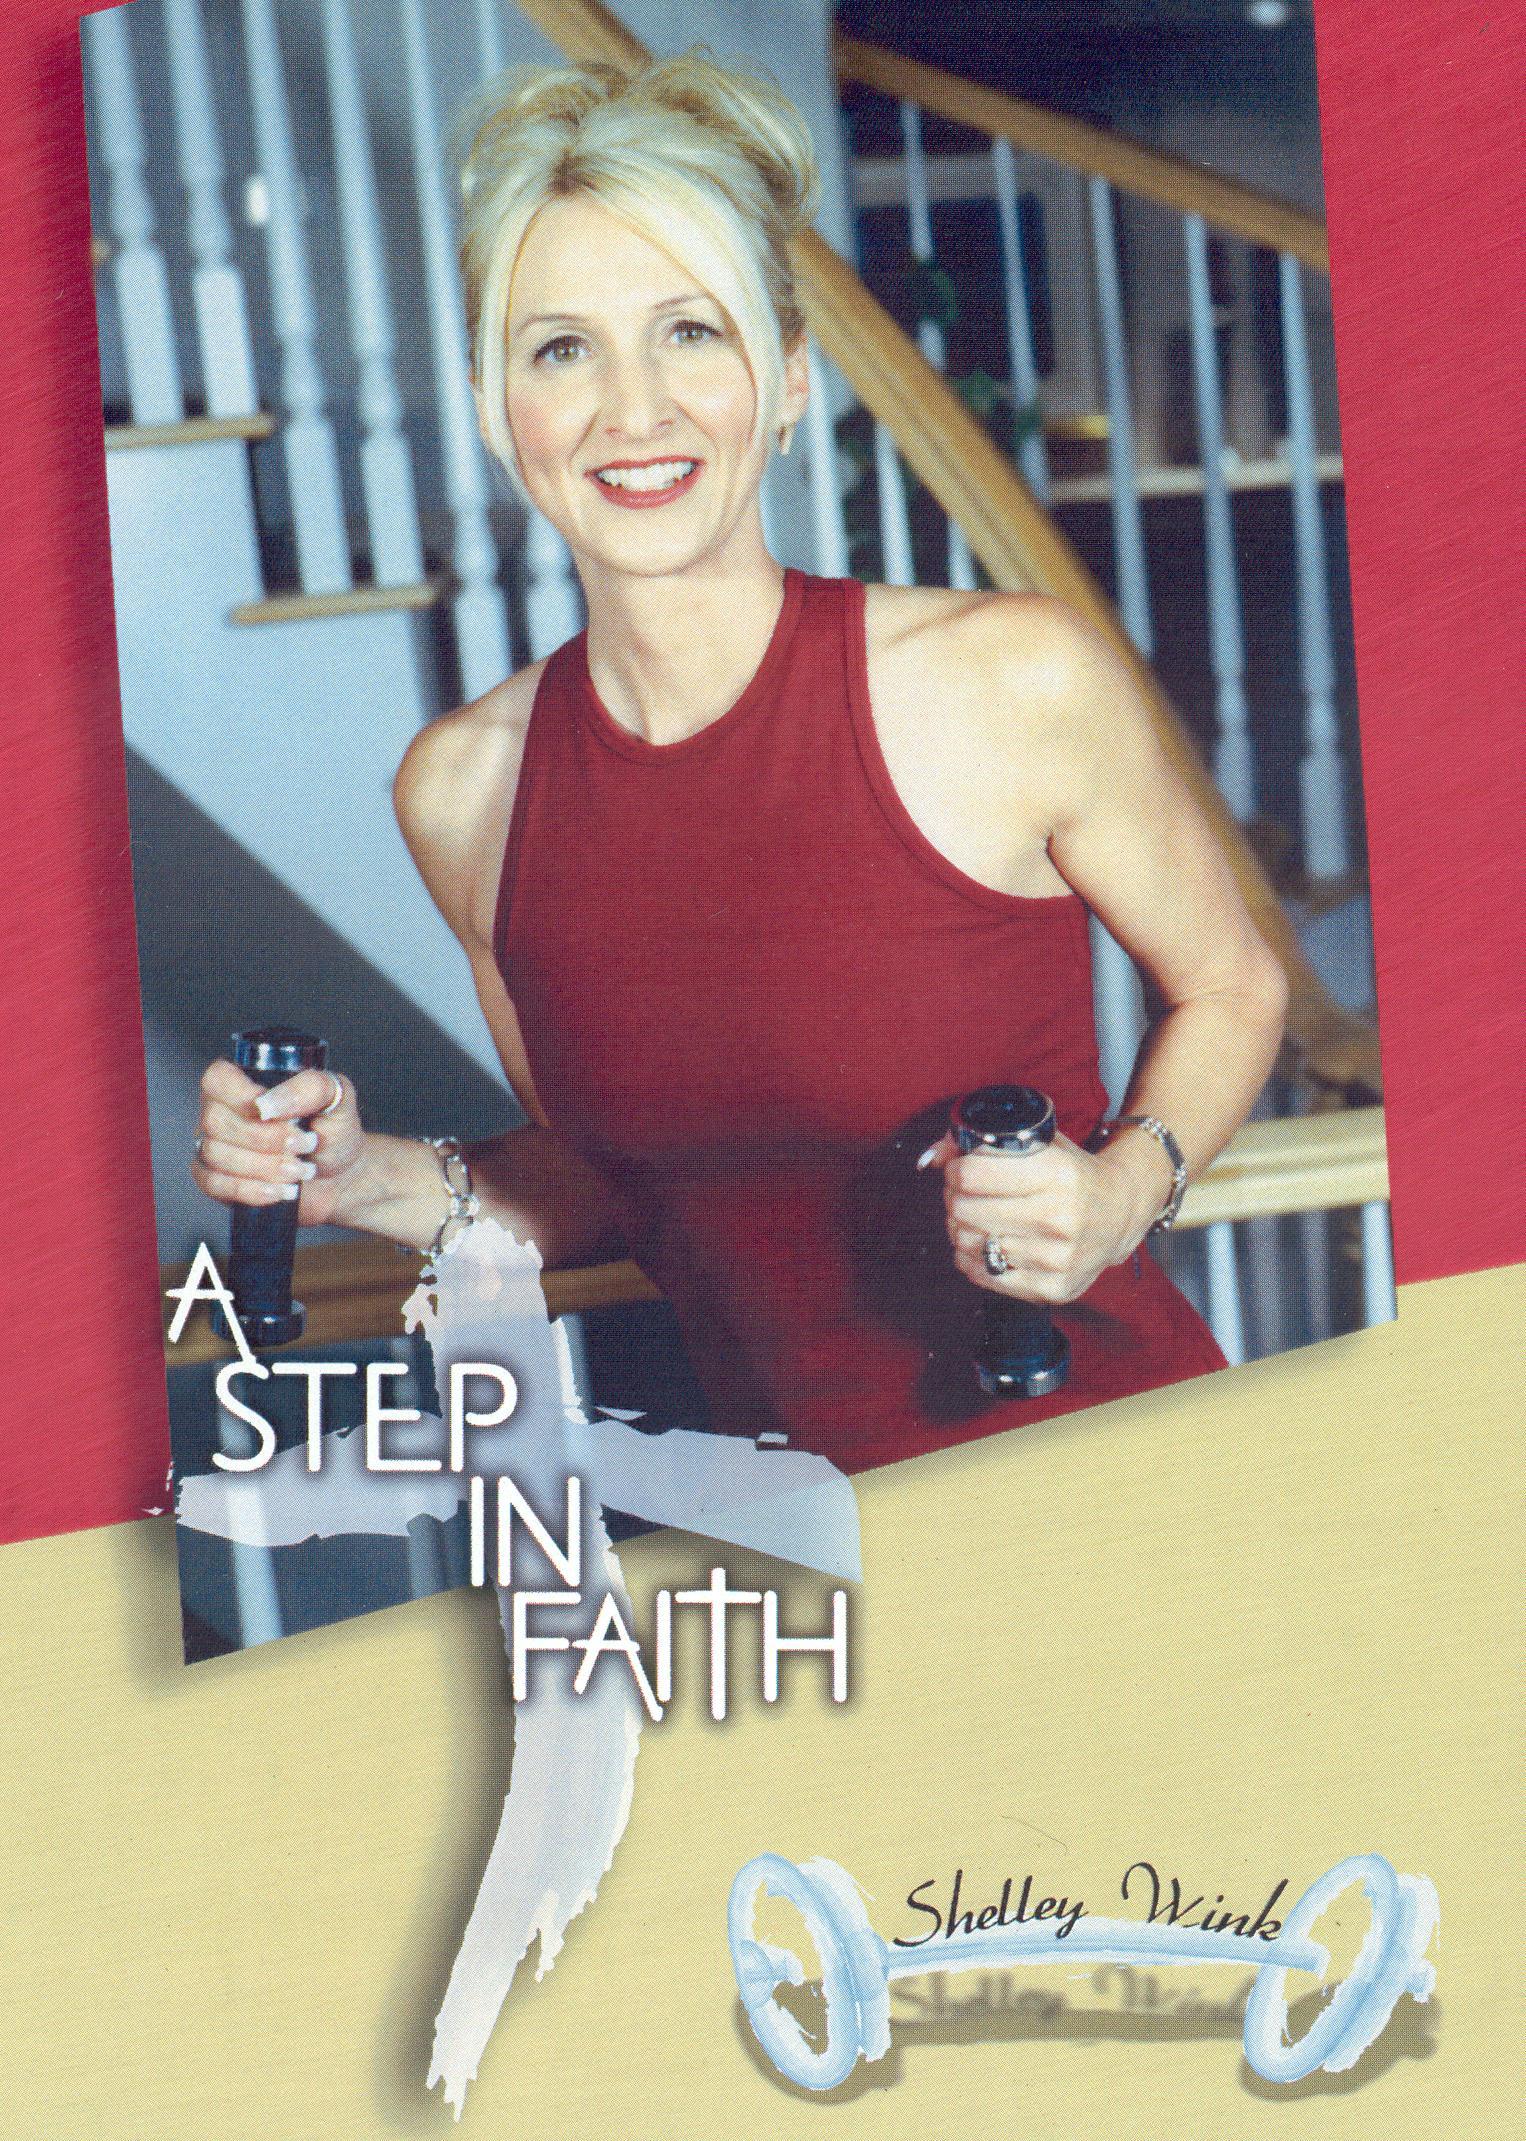 Shelley: A Step in Faith